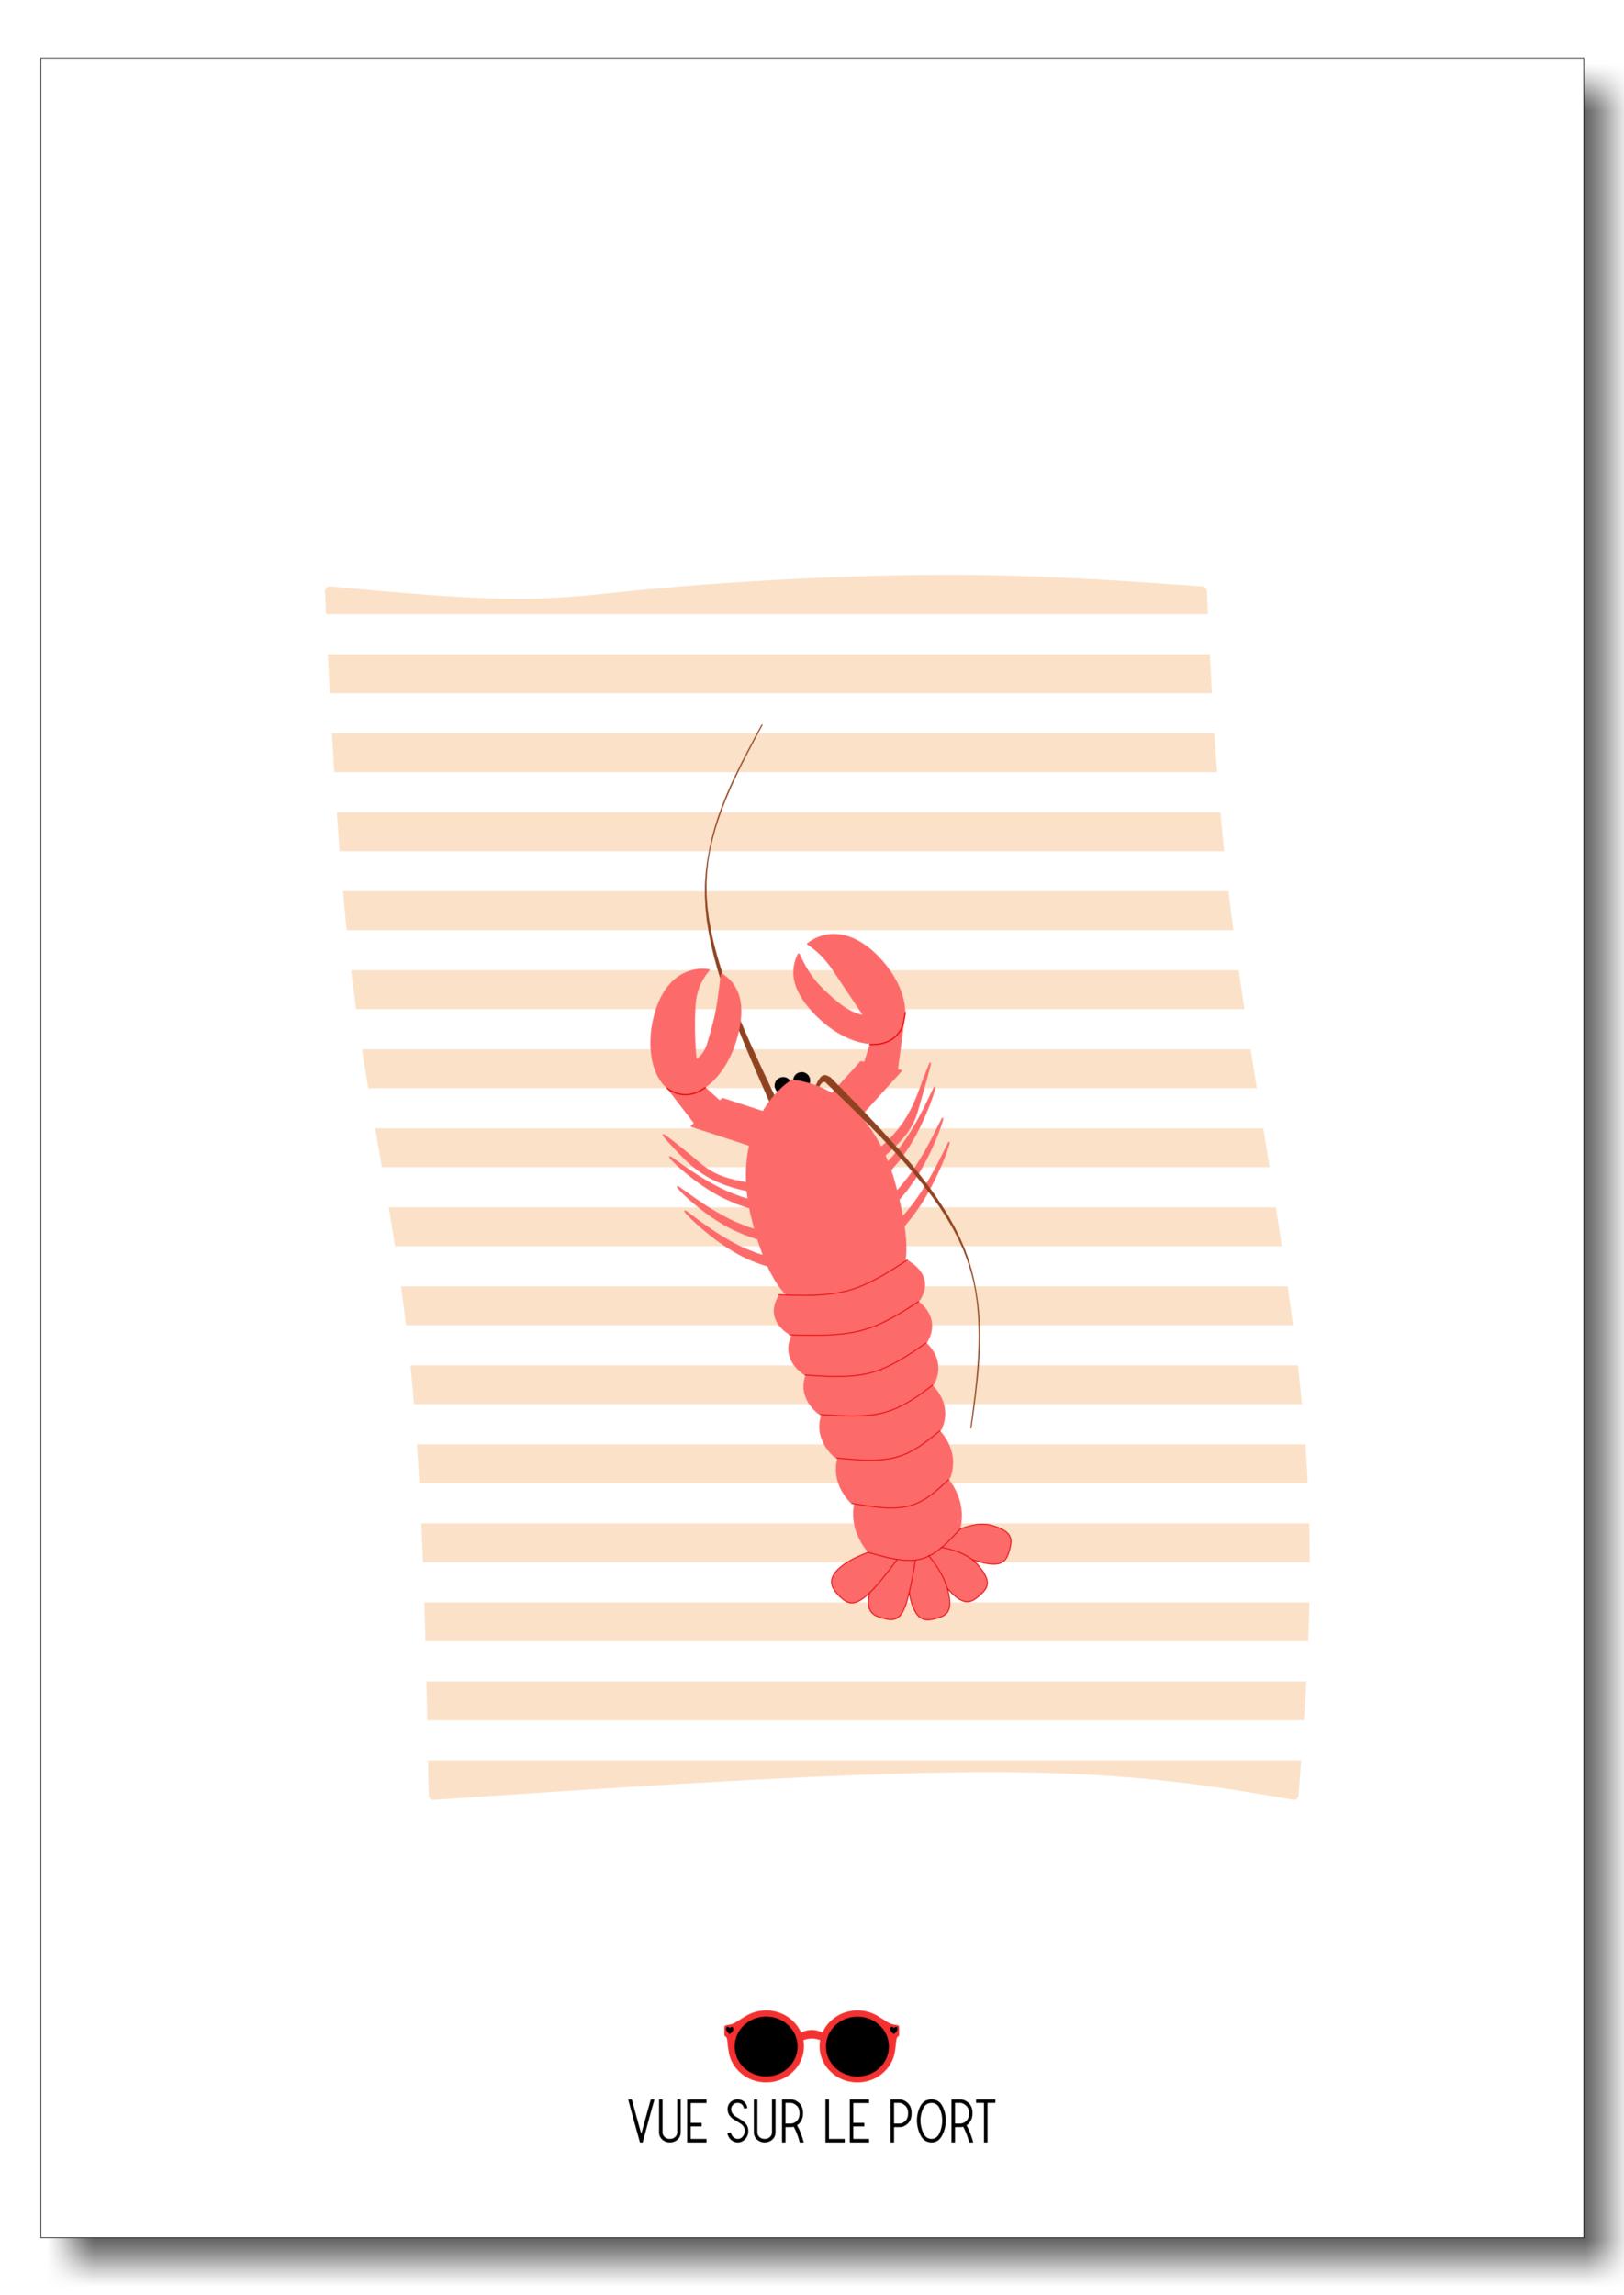 Affiche homard / serviette de plage